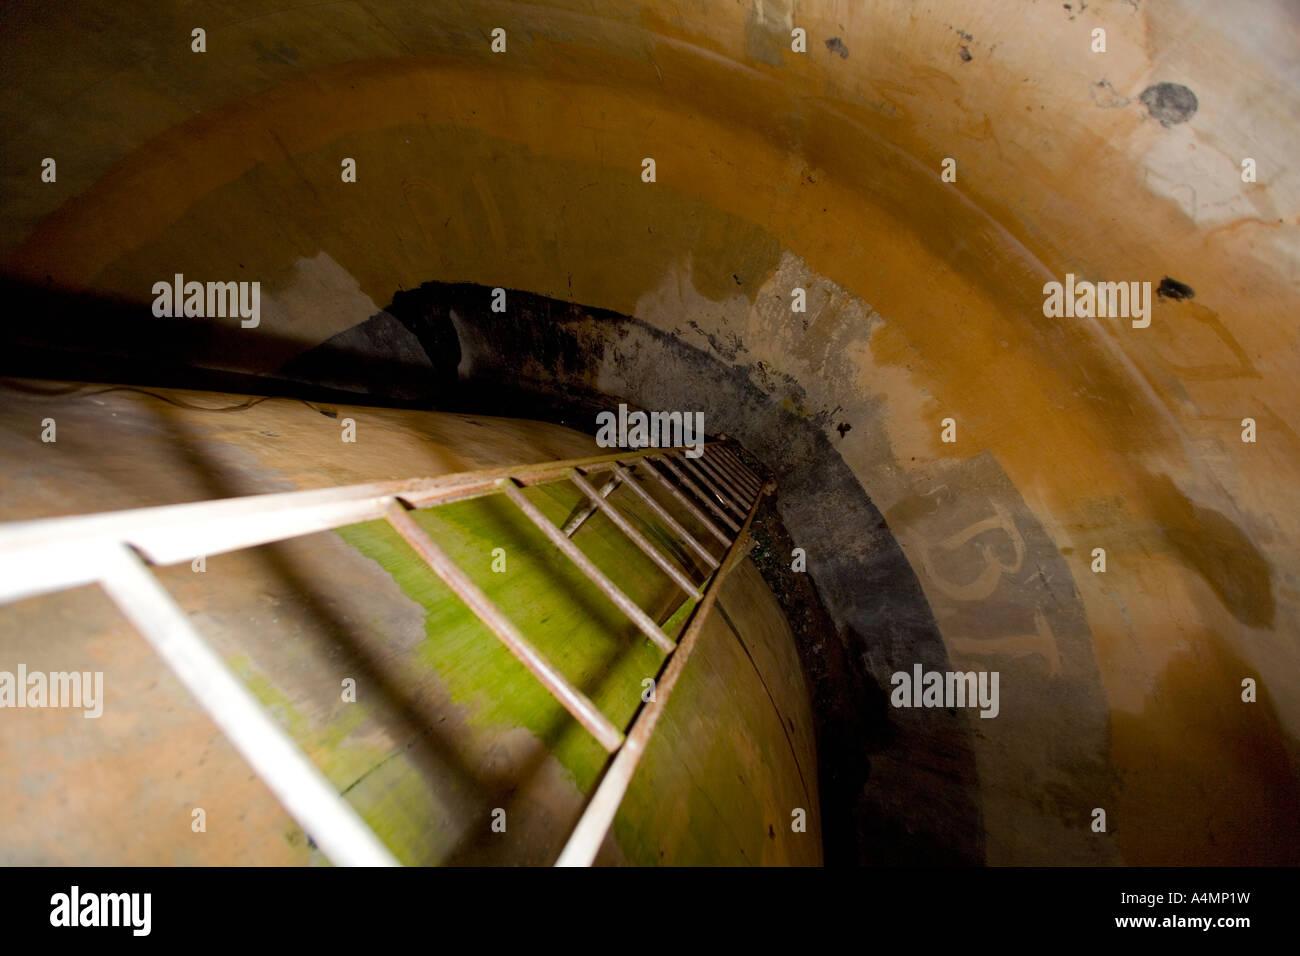 Innere des Wasserturm Tank (Cher - Frankreich). Intérieur du Réservoir d' un Château d' Eau Stockbild